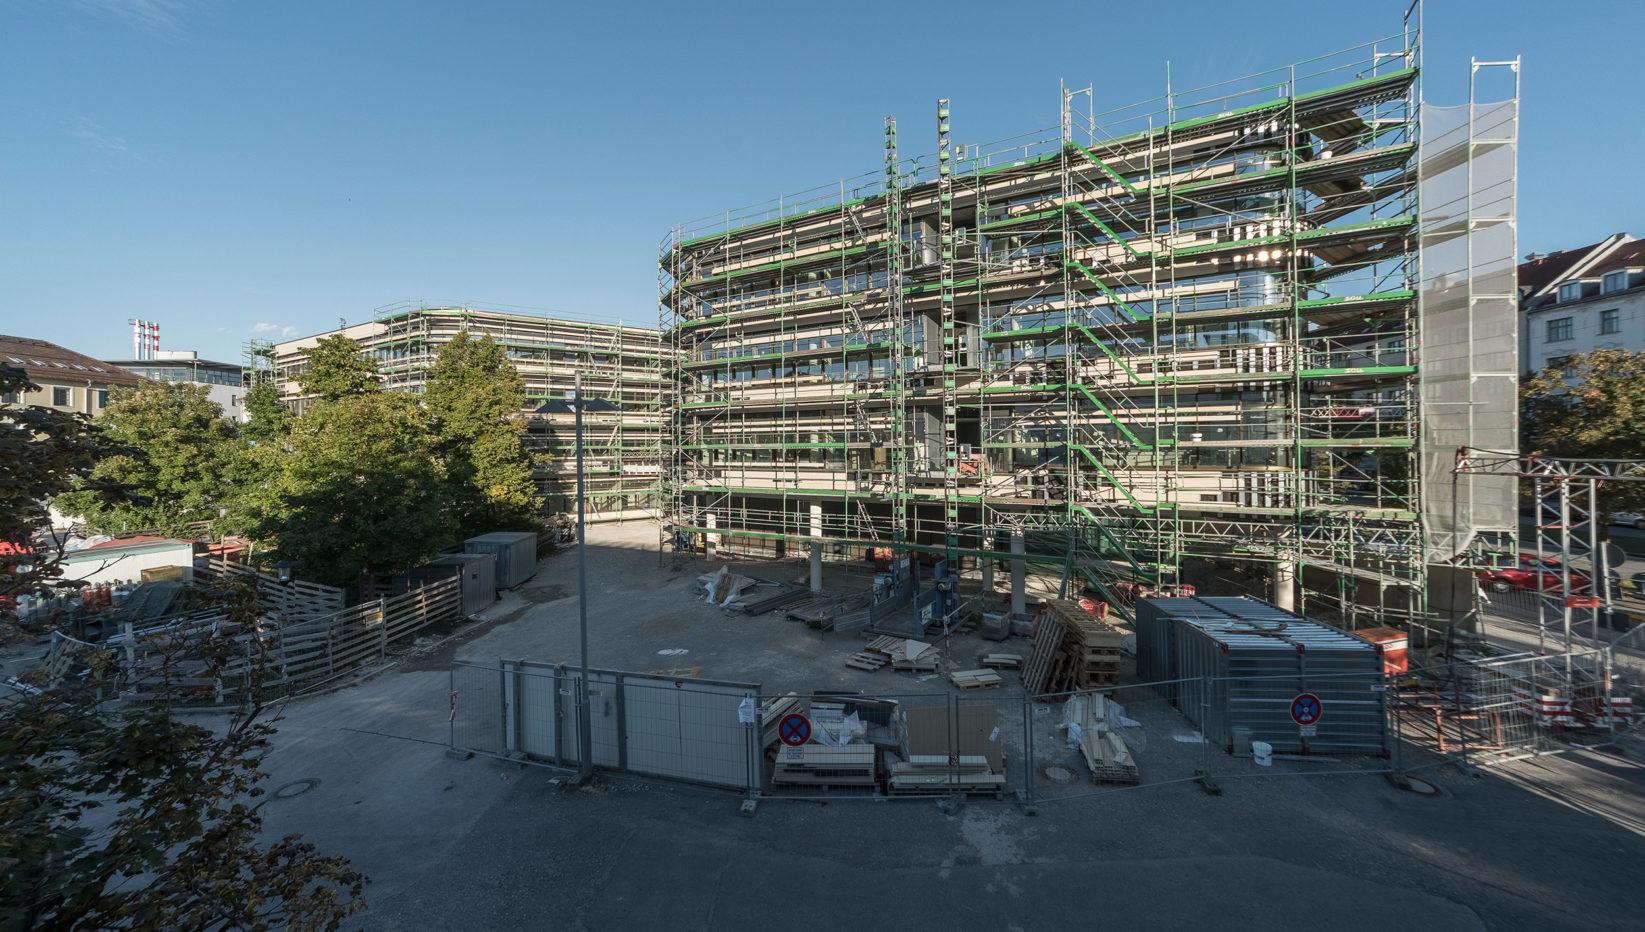 Aufnahme des Rohbaus des TranslaTUM aus der Ostansicht, eingehüllt in Baugerüste. Davor liegen Baumaterialien auf der Baustelle.